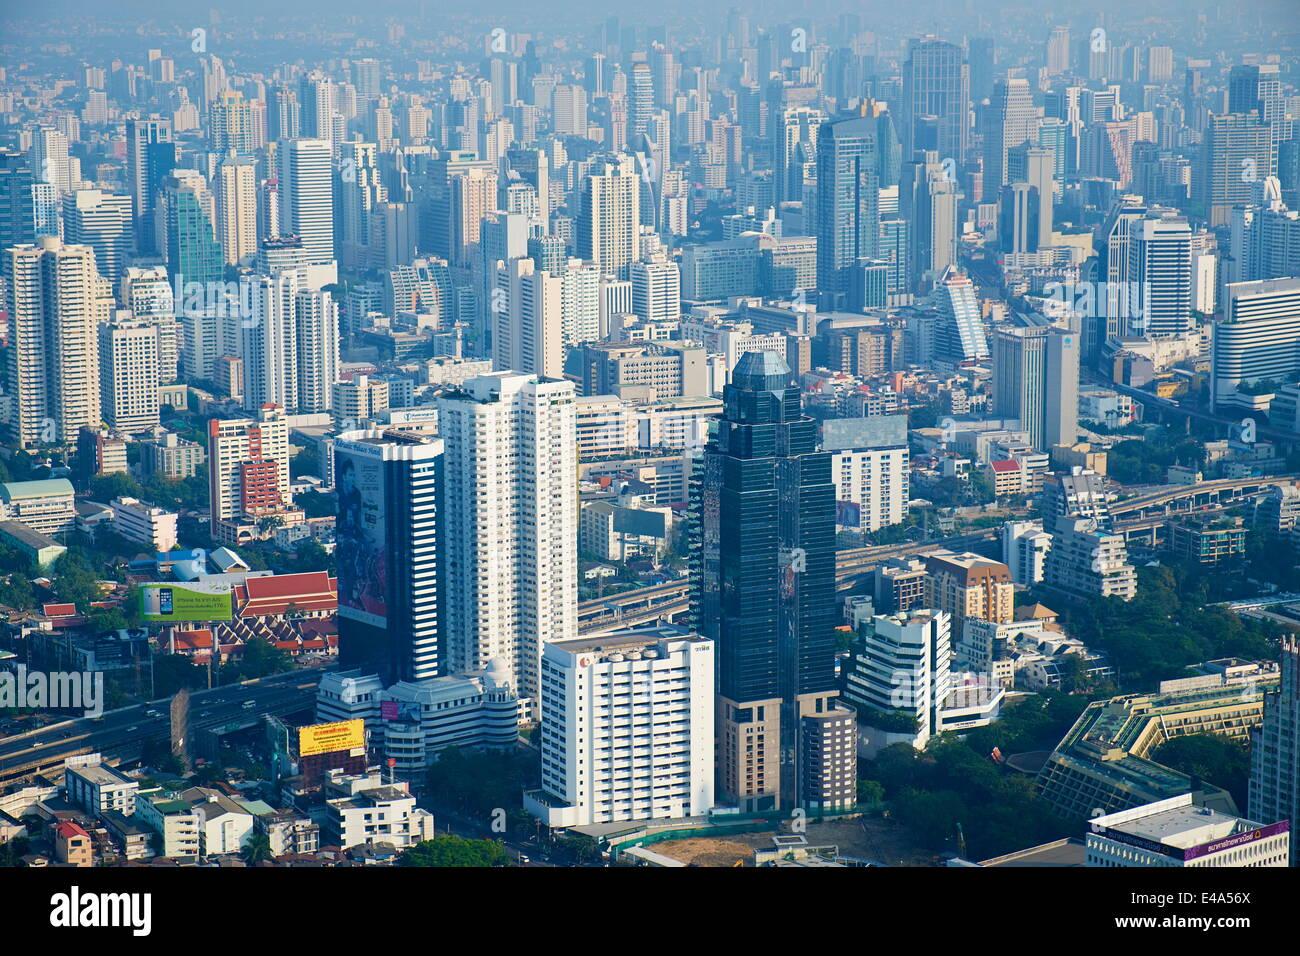 Siam Square area, Bangkok, Thailand, Southeast Asia, Asia - Stock Image